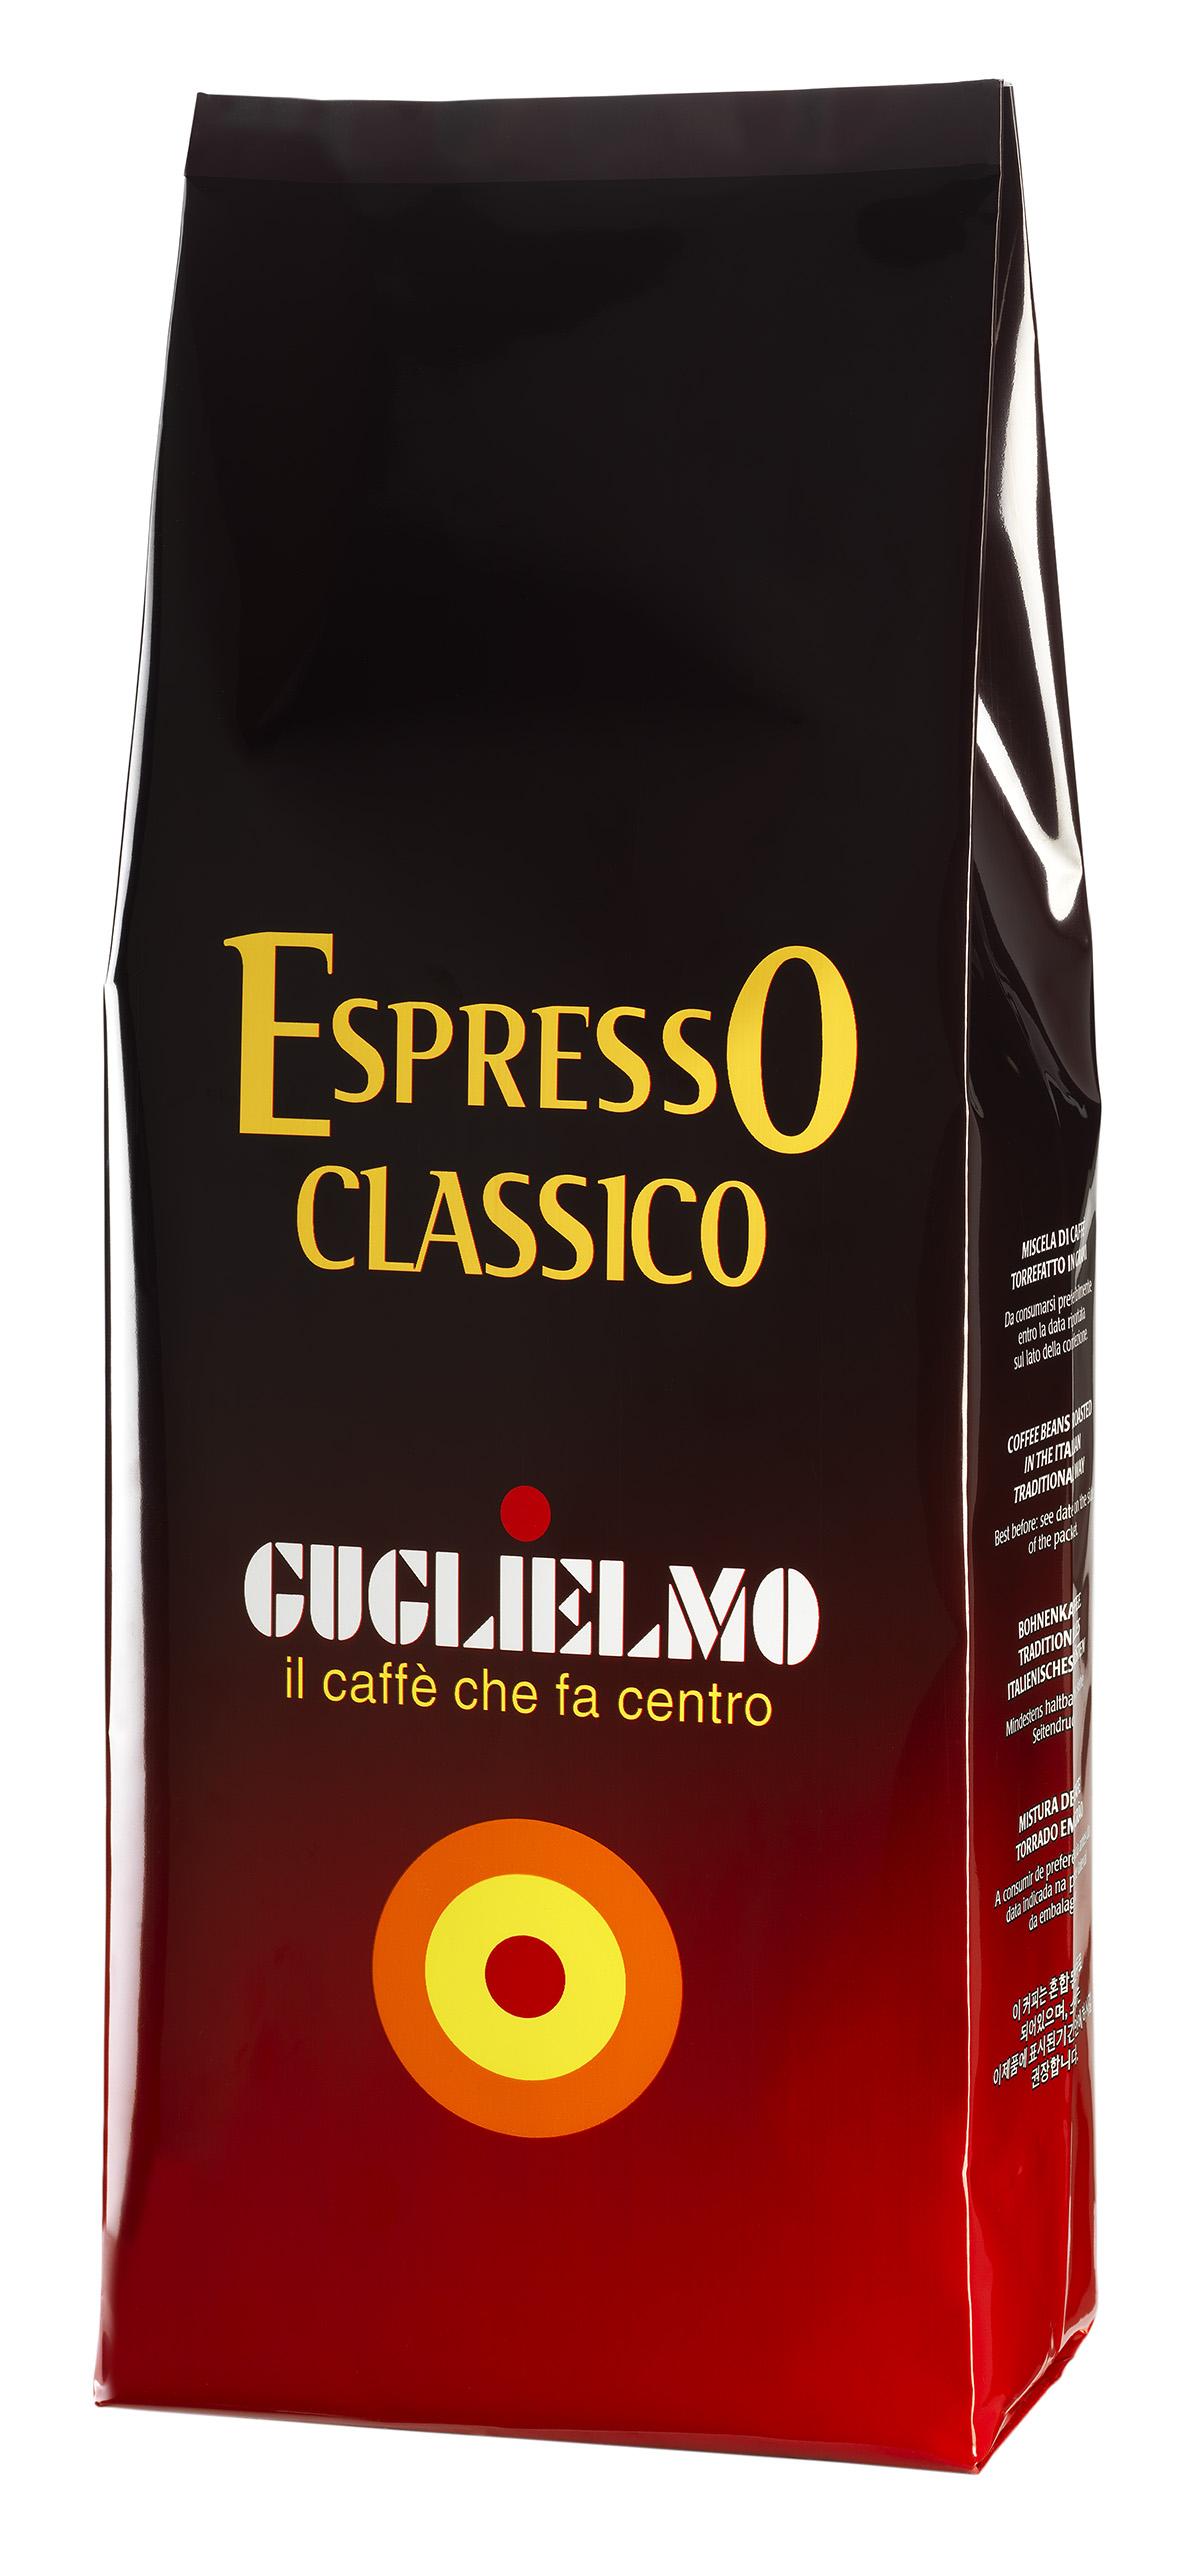 """Caffe """"Espresso Classico"""", 1 kg Packung Guglielmo"""